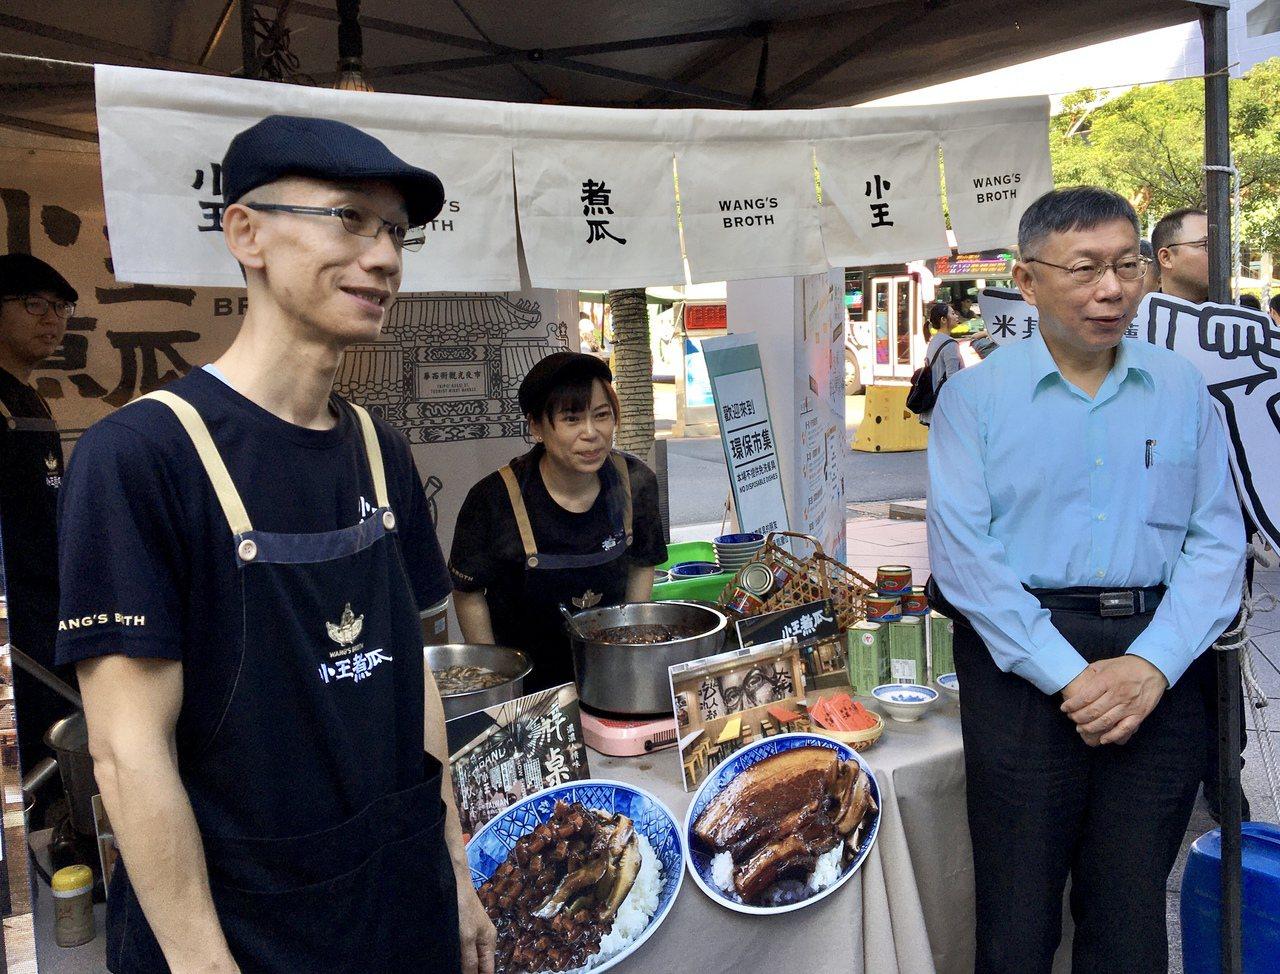 原名为「清汤瓜仔肉」的「小王煮瓜」已开业40多年,第2代老板王捷生(图左)说,「...